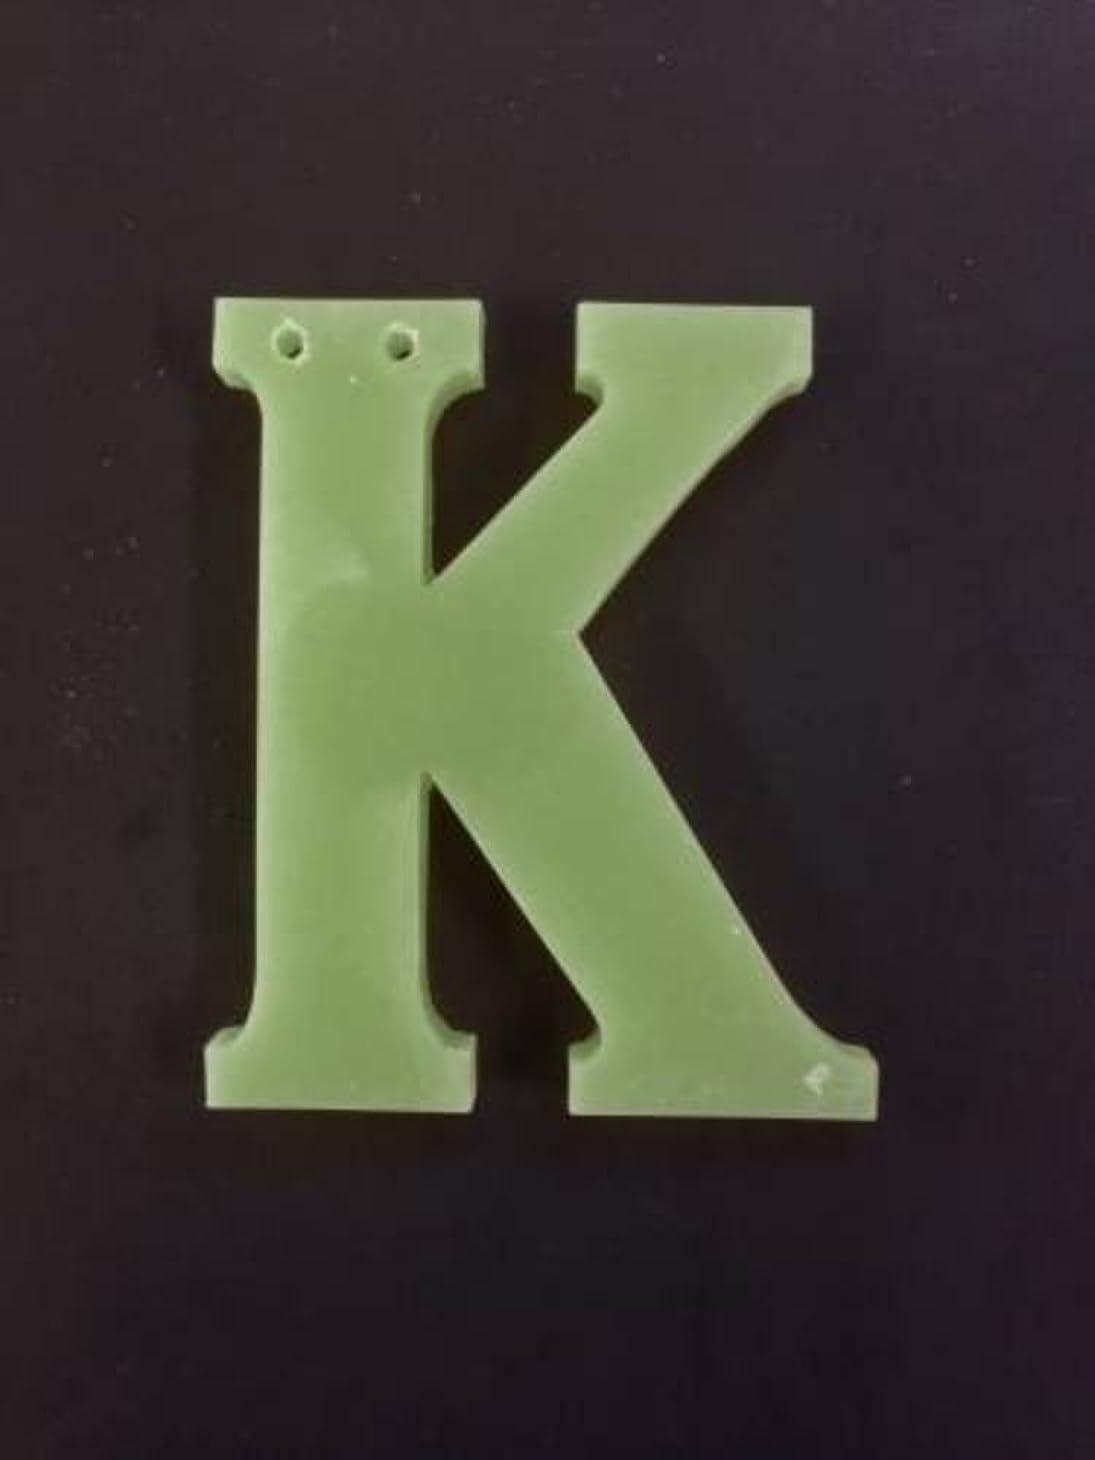 先見の明着る壊すGRASSE TOKYO AROMATICWAXチャーム「K」(GR) レモングラス アロマティックワックス グラーストウキョウ